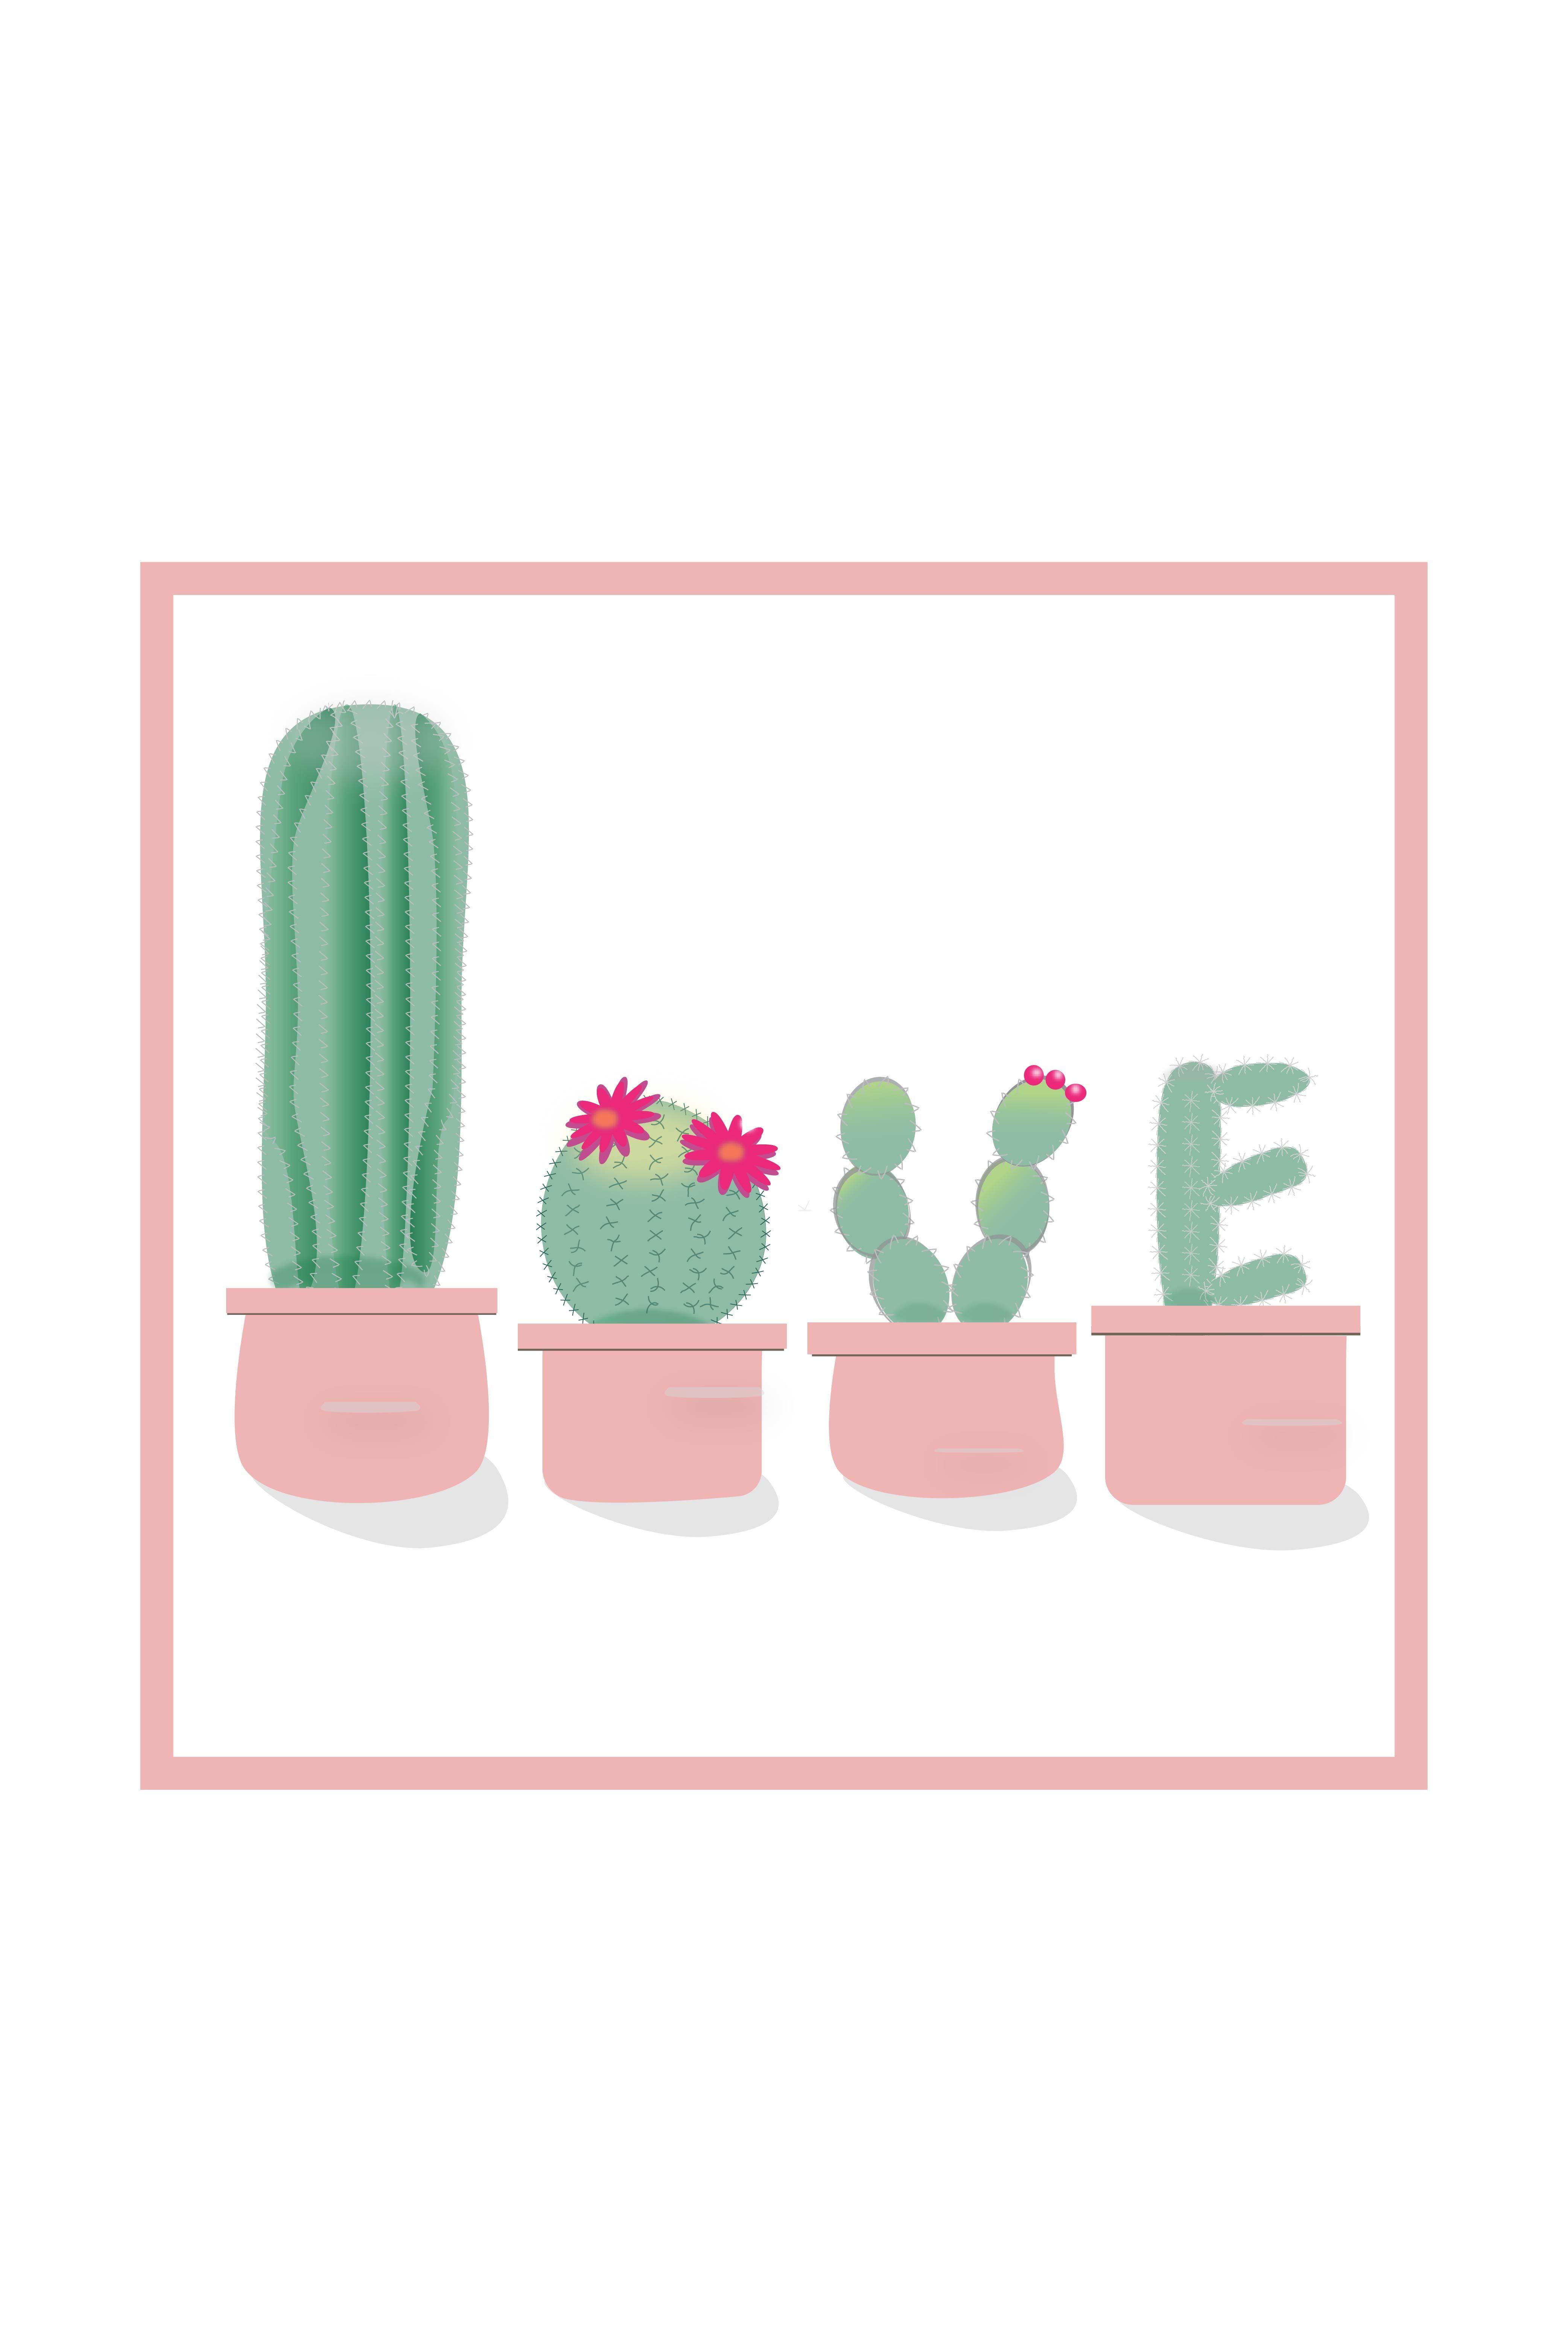 Cactus Love Cactus Illustration Cactus Art Cactus Design